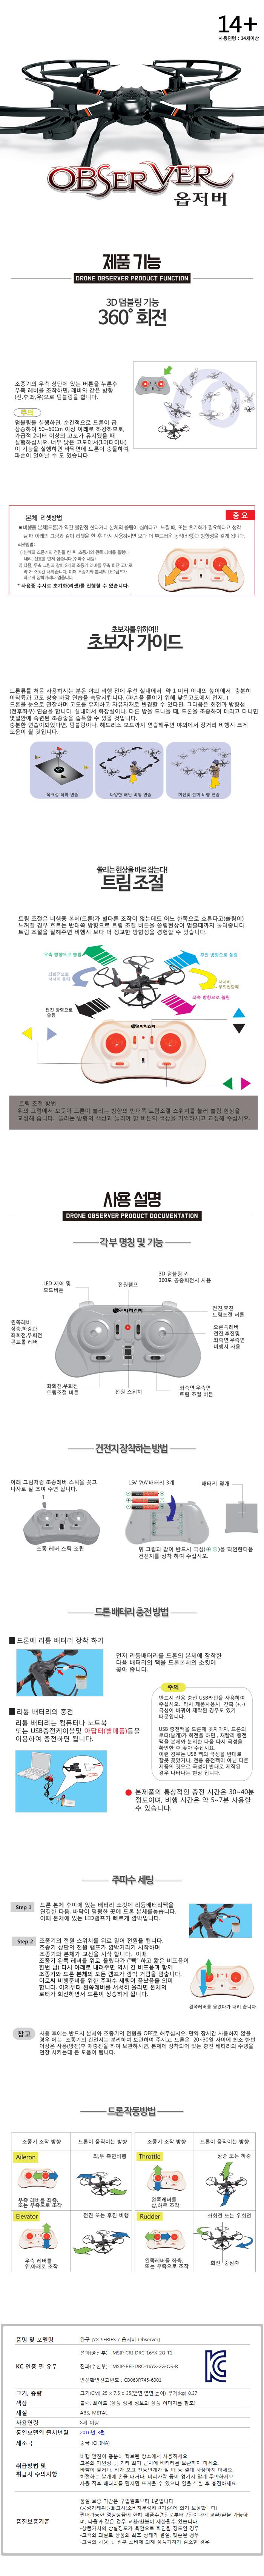 데코앤 옵저버 드론 무선조정 헬기 비행기 - 두로카리스마, 60,000원, R/C 드론/쿼드콥터, 드론